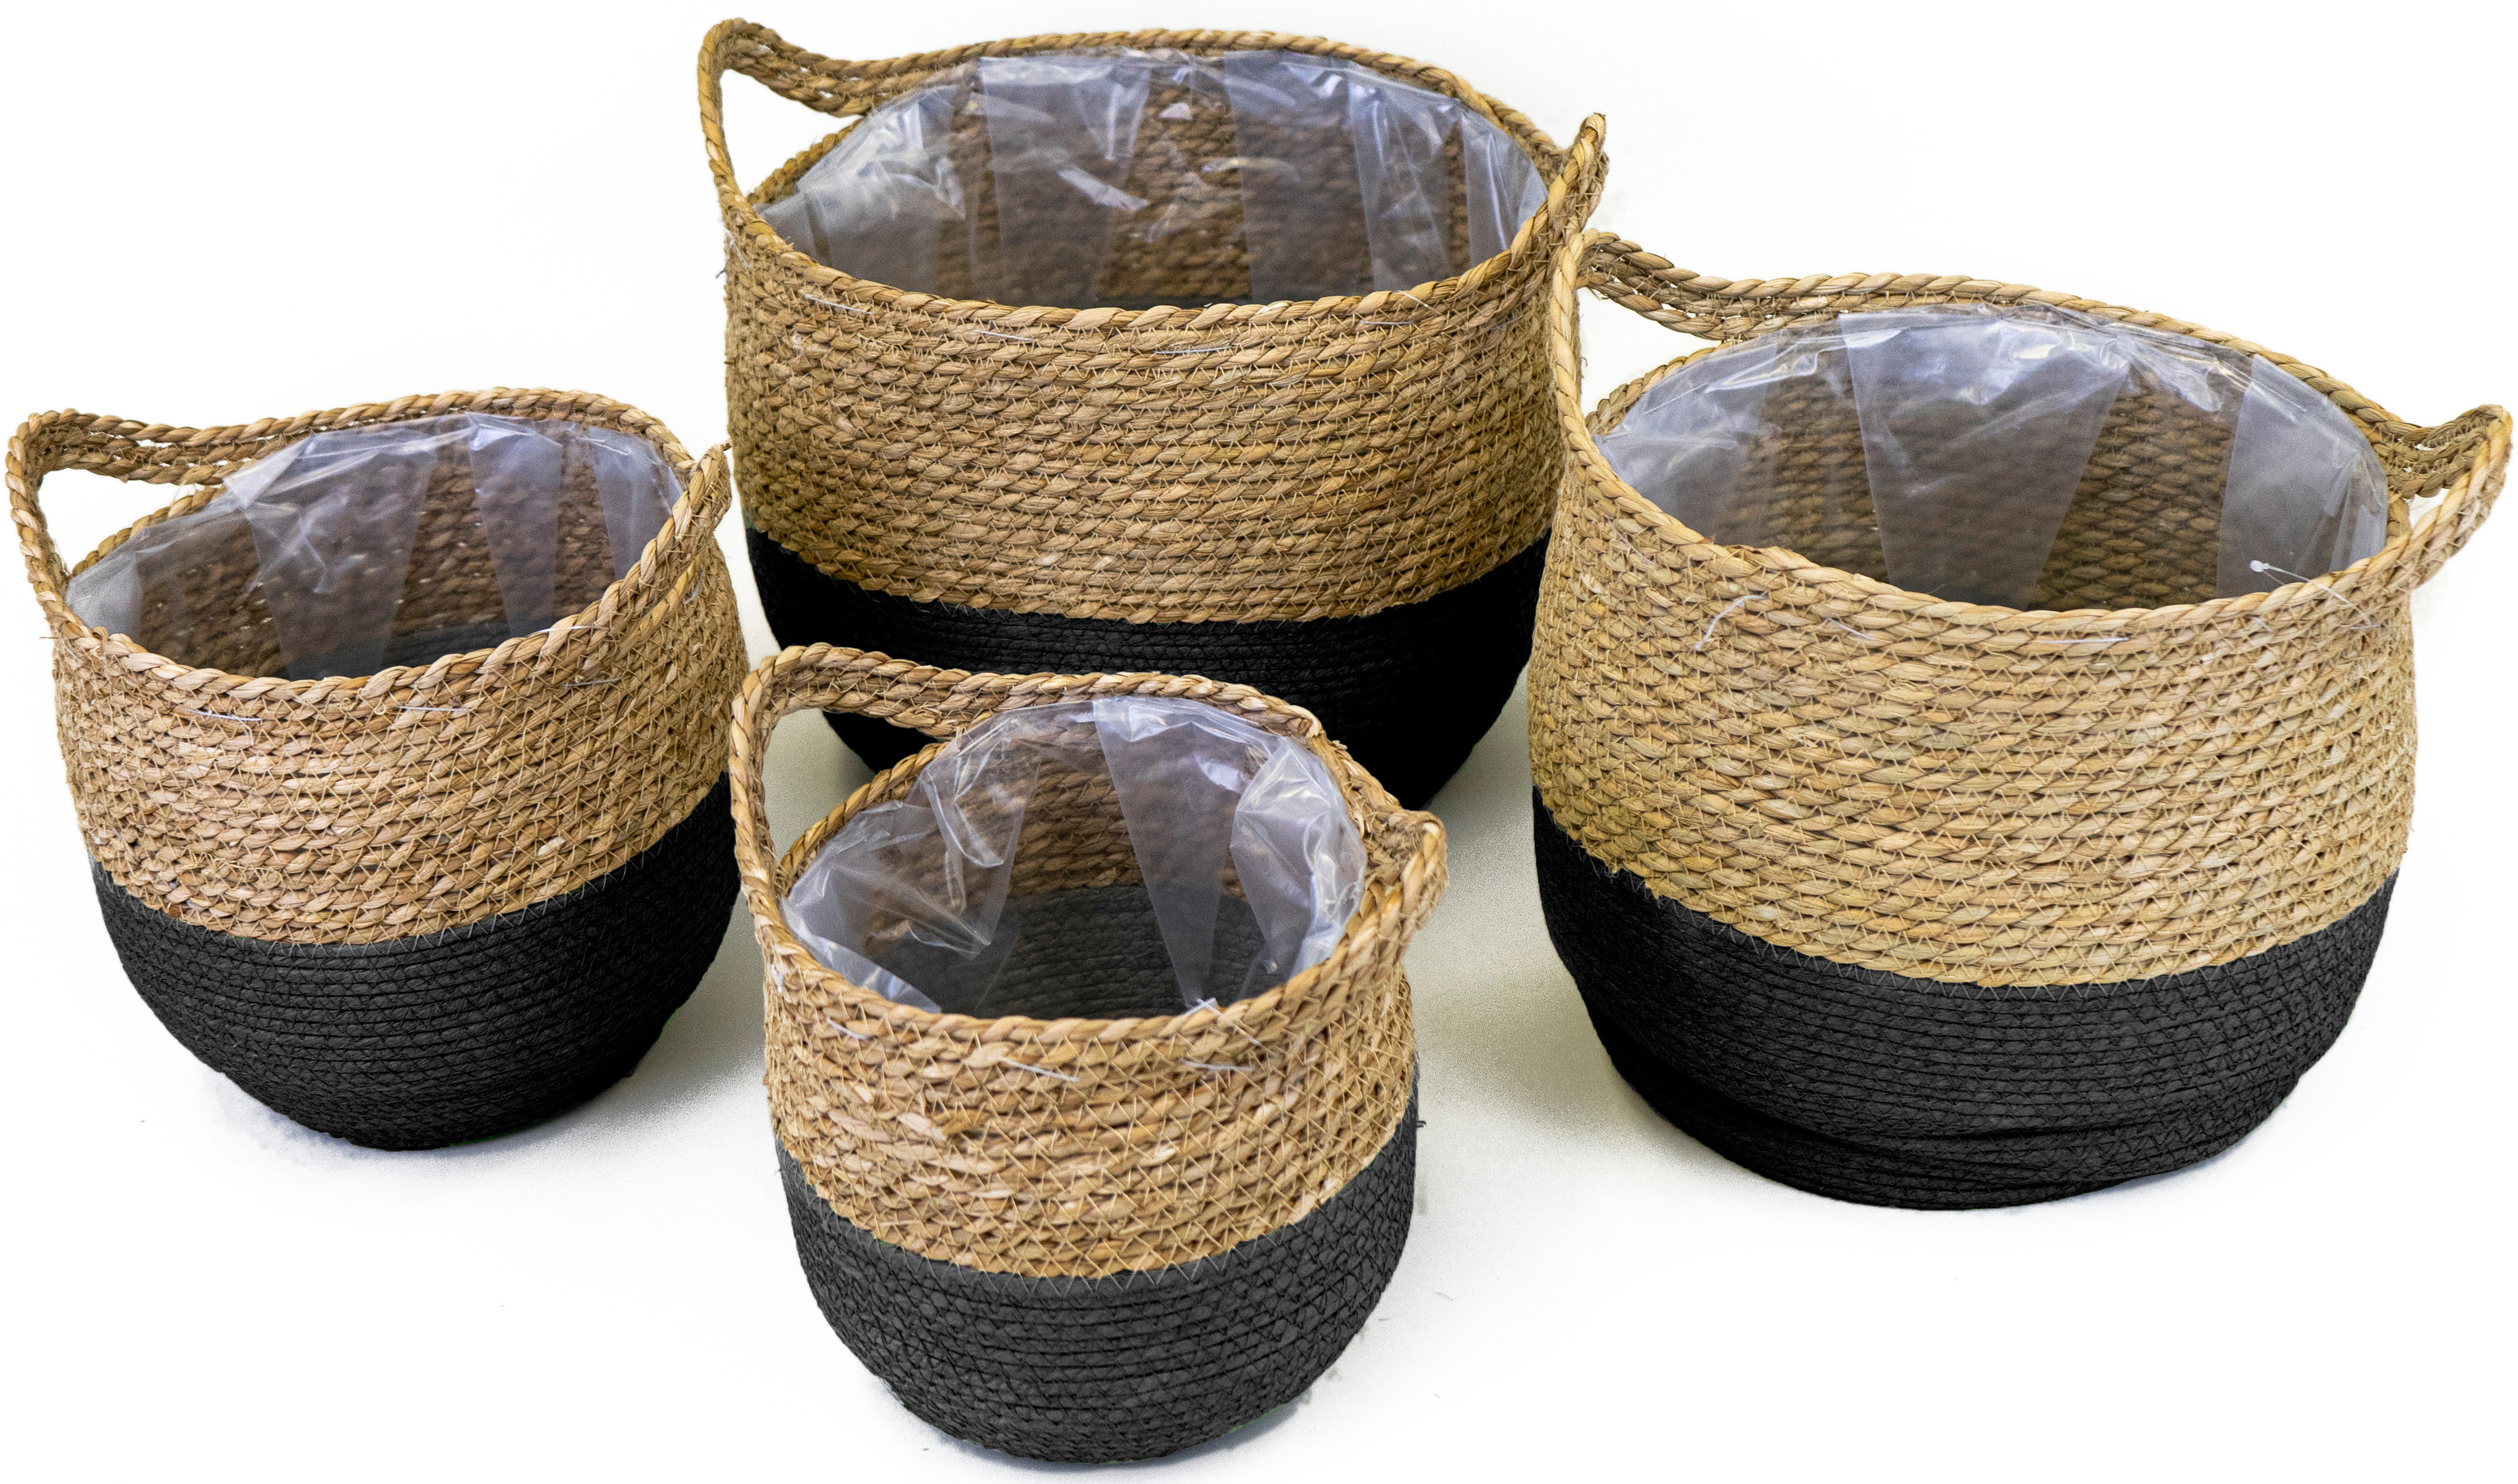 NOOR LIVING Aufbewahrungskorb, (Set, 4 St.), dekorative Aufbewahrung von verschiedenen Utensilien schwarz Körbe Ordnung Wohnaccessoires Aufbewahrungskorb